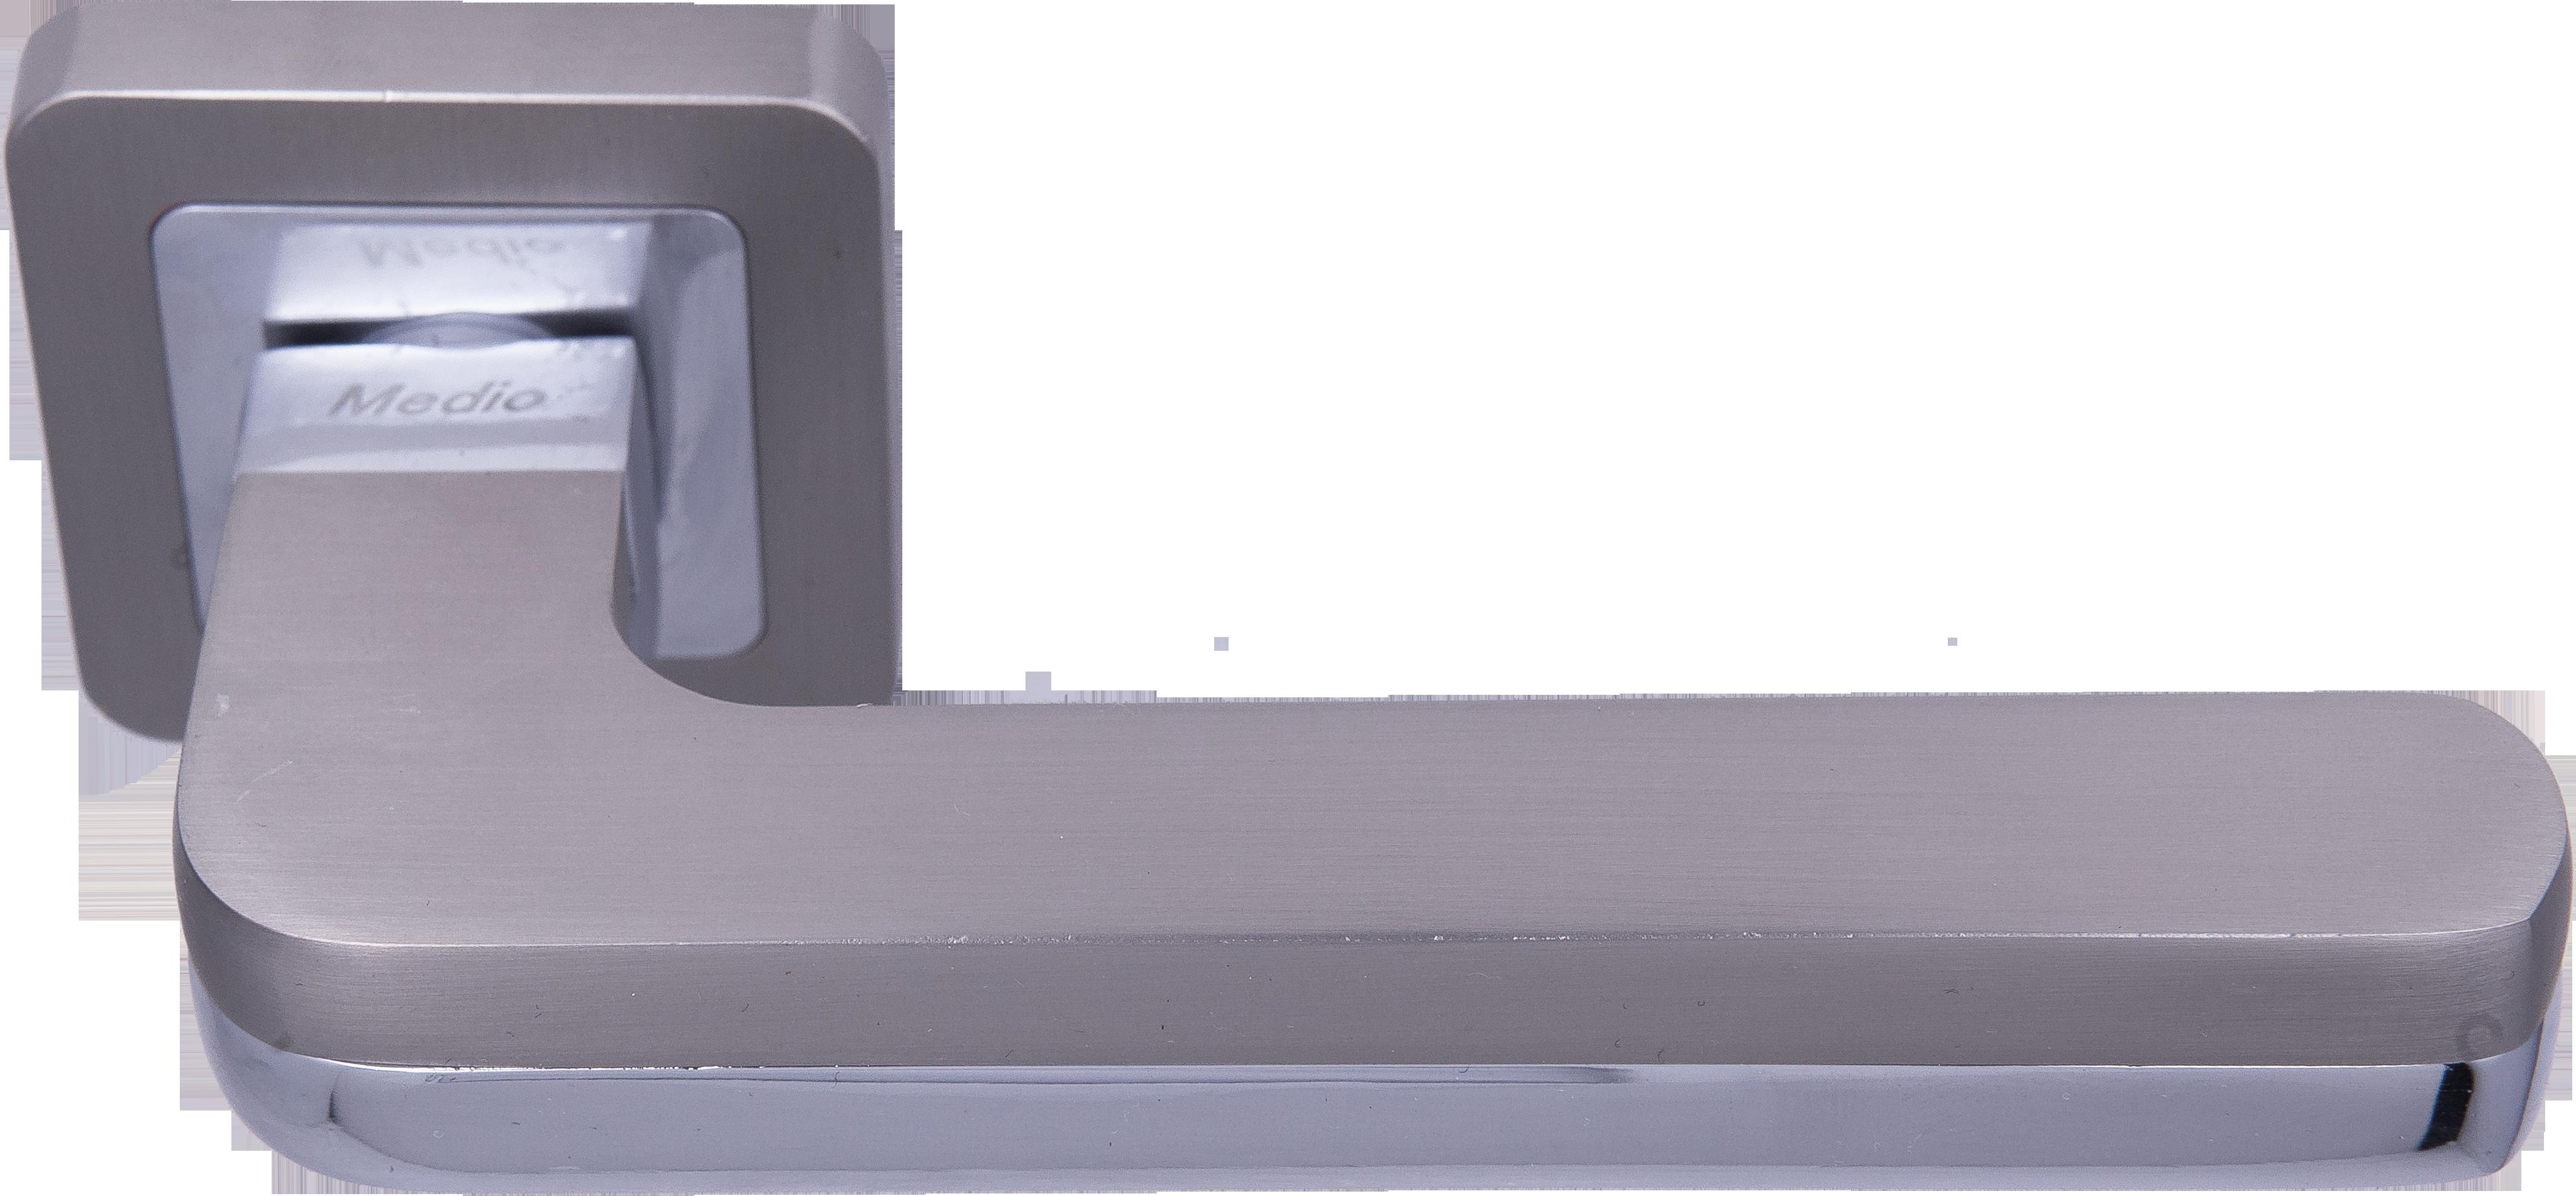 Ручка Медио ML7032-78 MSN/CP мат.никель/хром (20 шт)